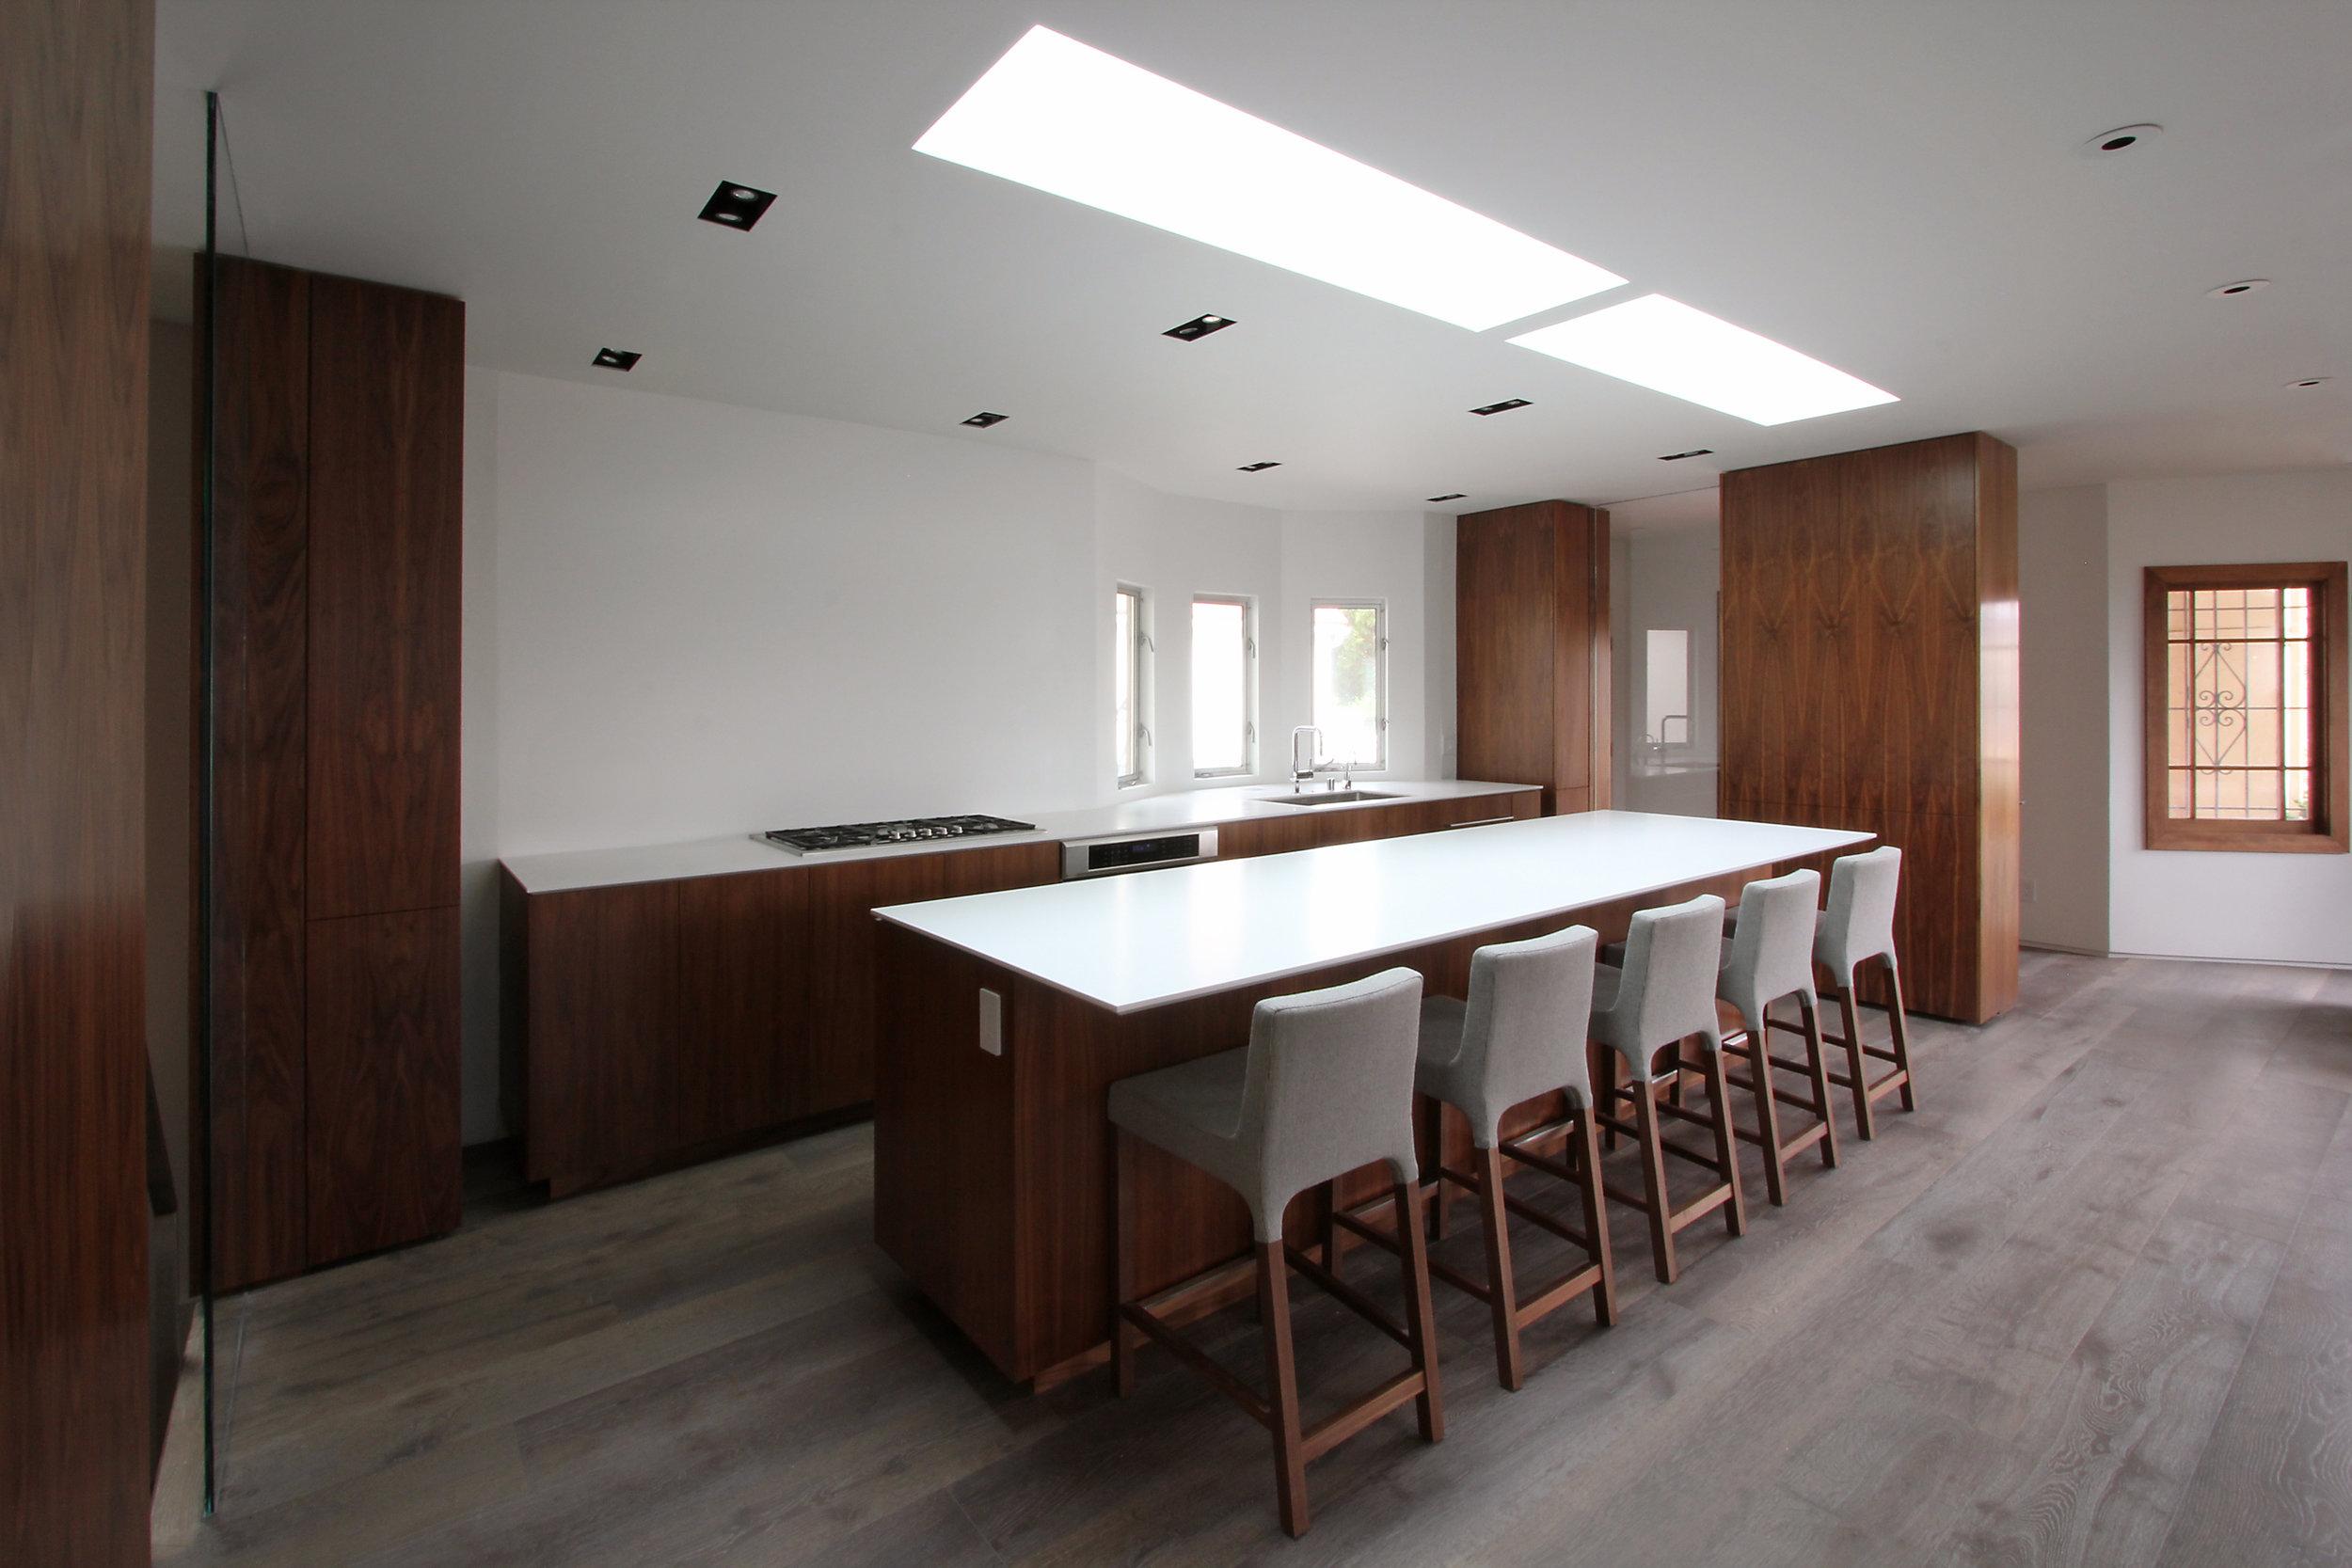 tak-kitchen-1.jpg